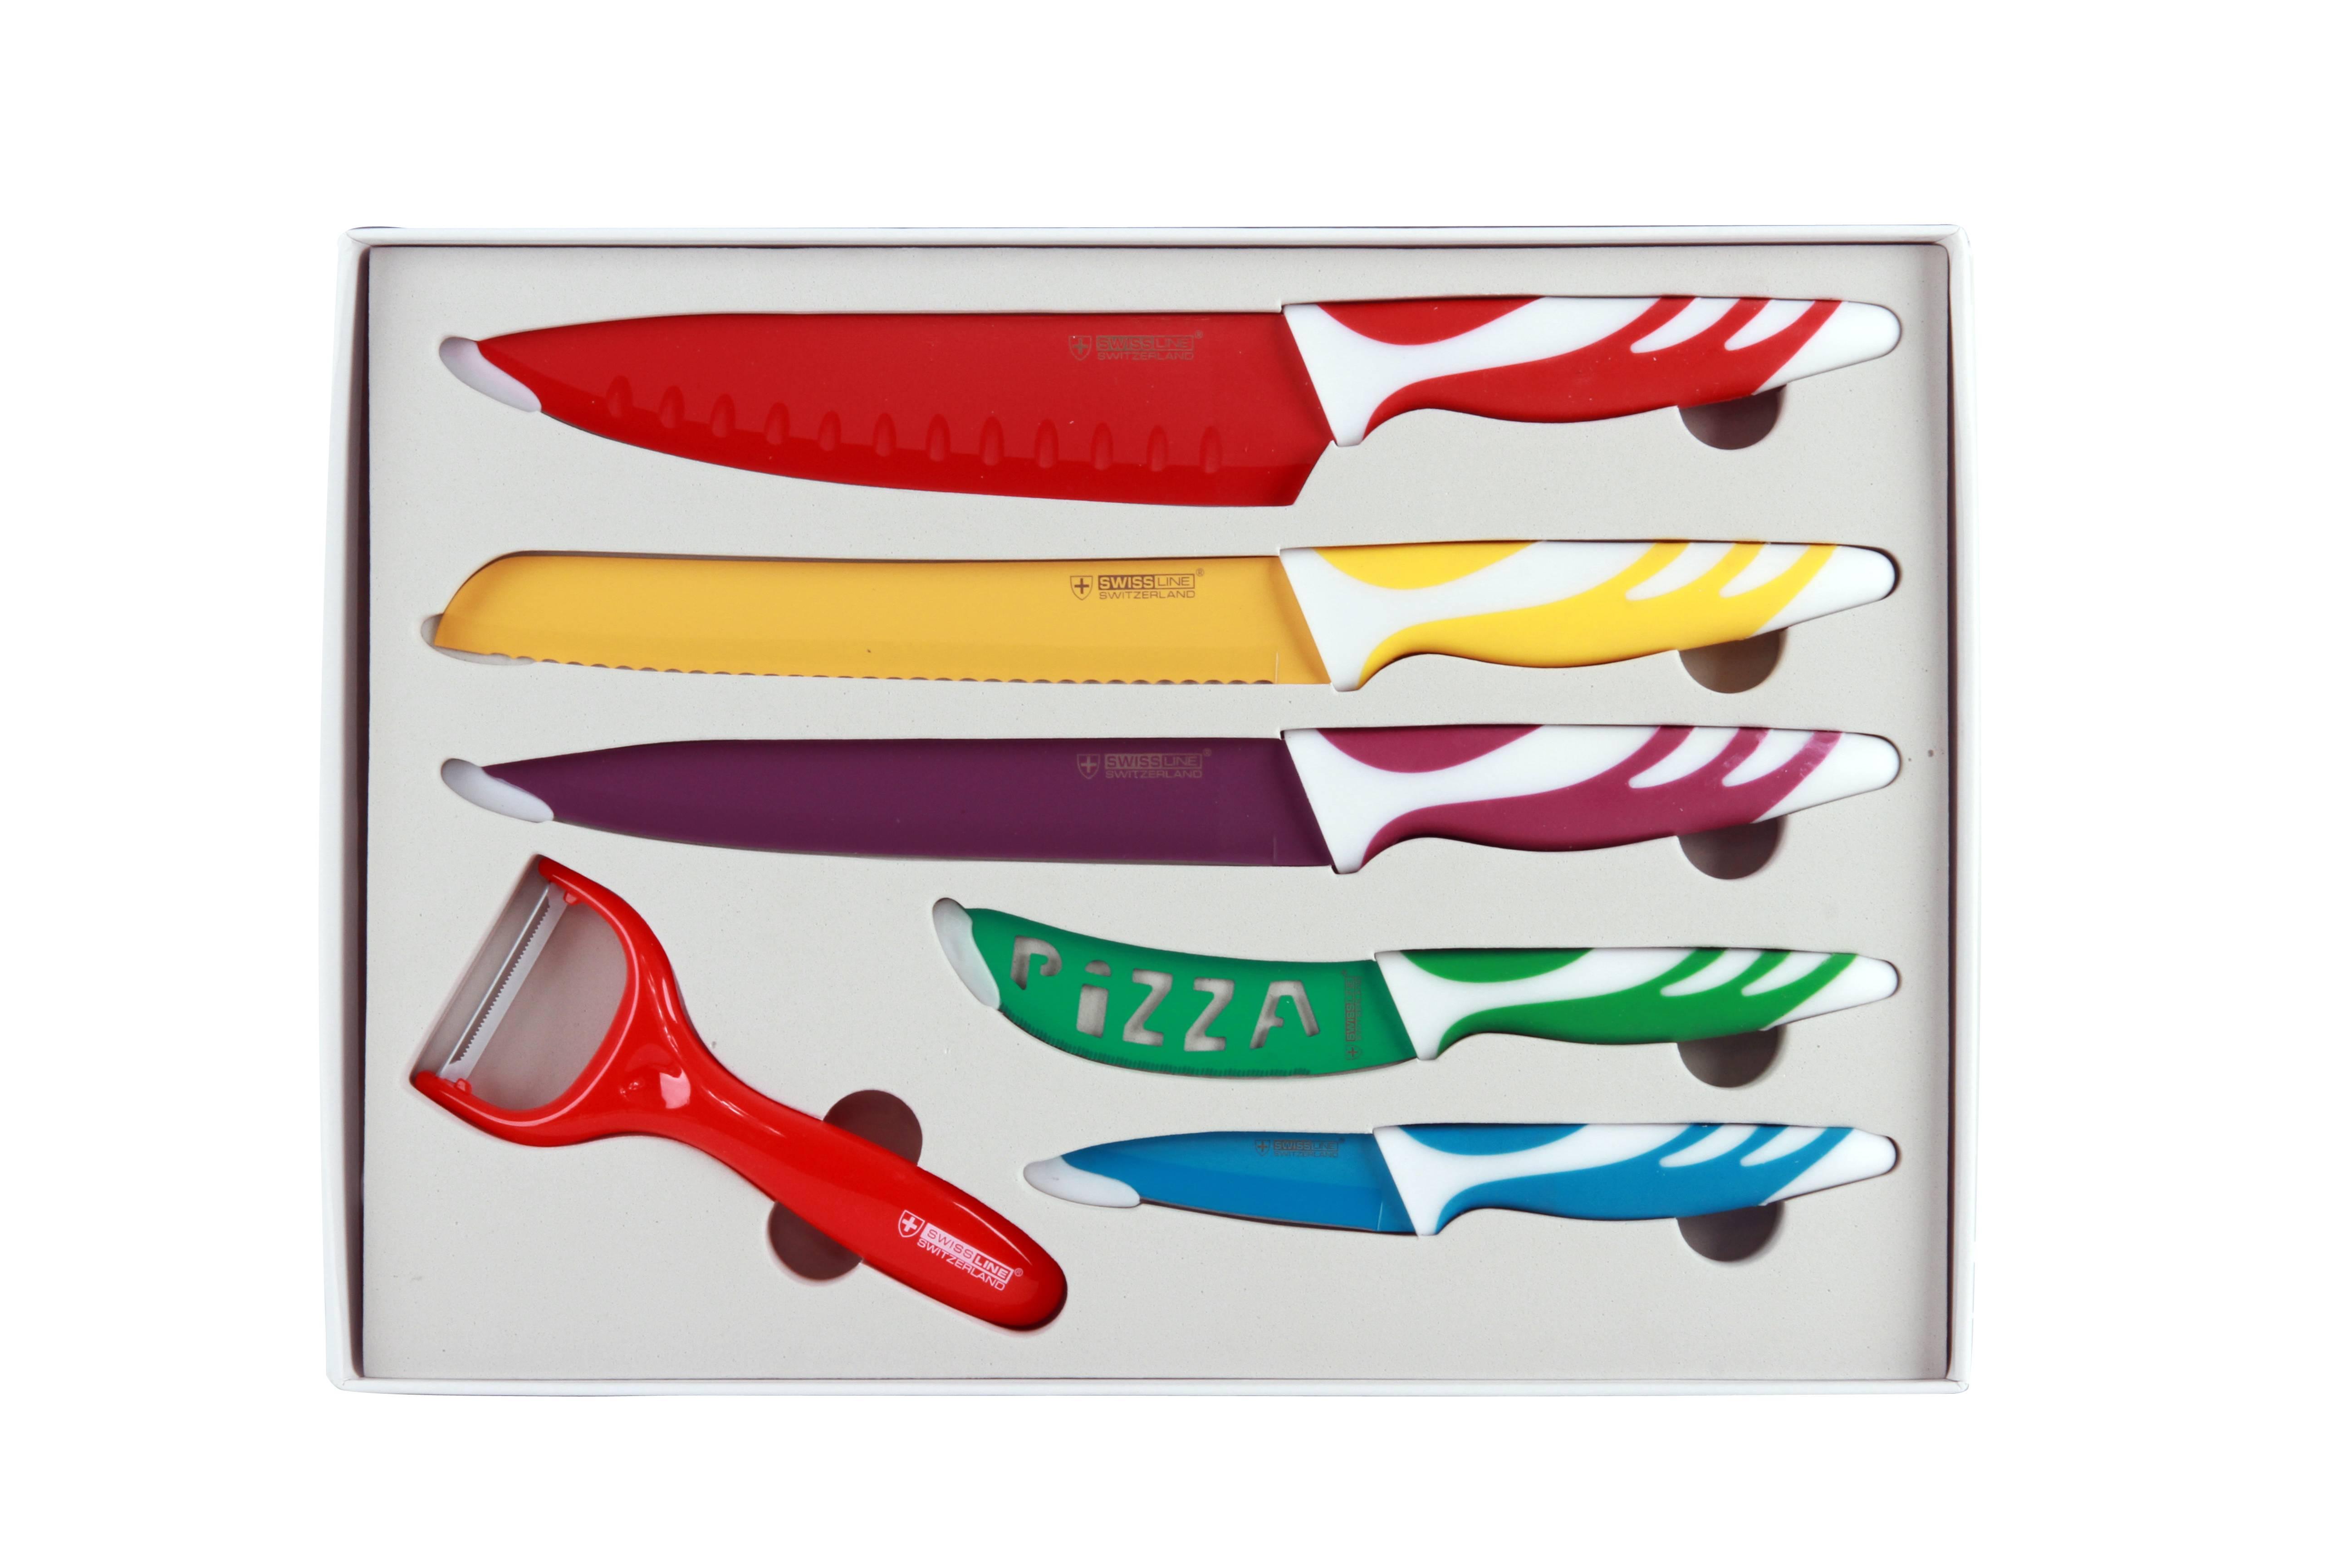 Swissline juego de 5 cuchillos suizos de acero inoxidable for Juego de utensilios de cocina precio